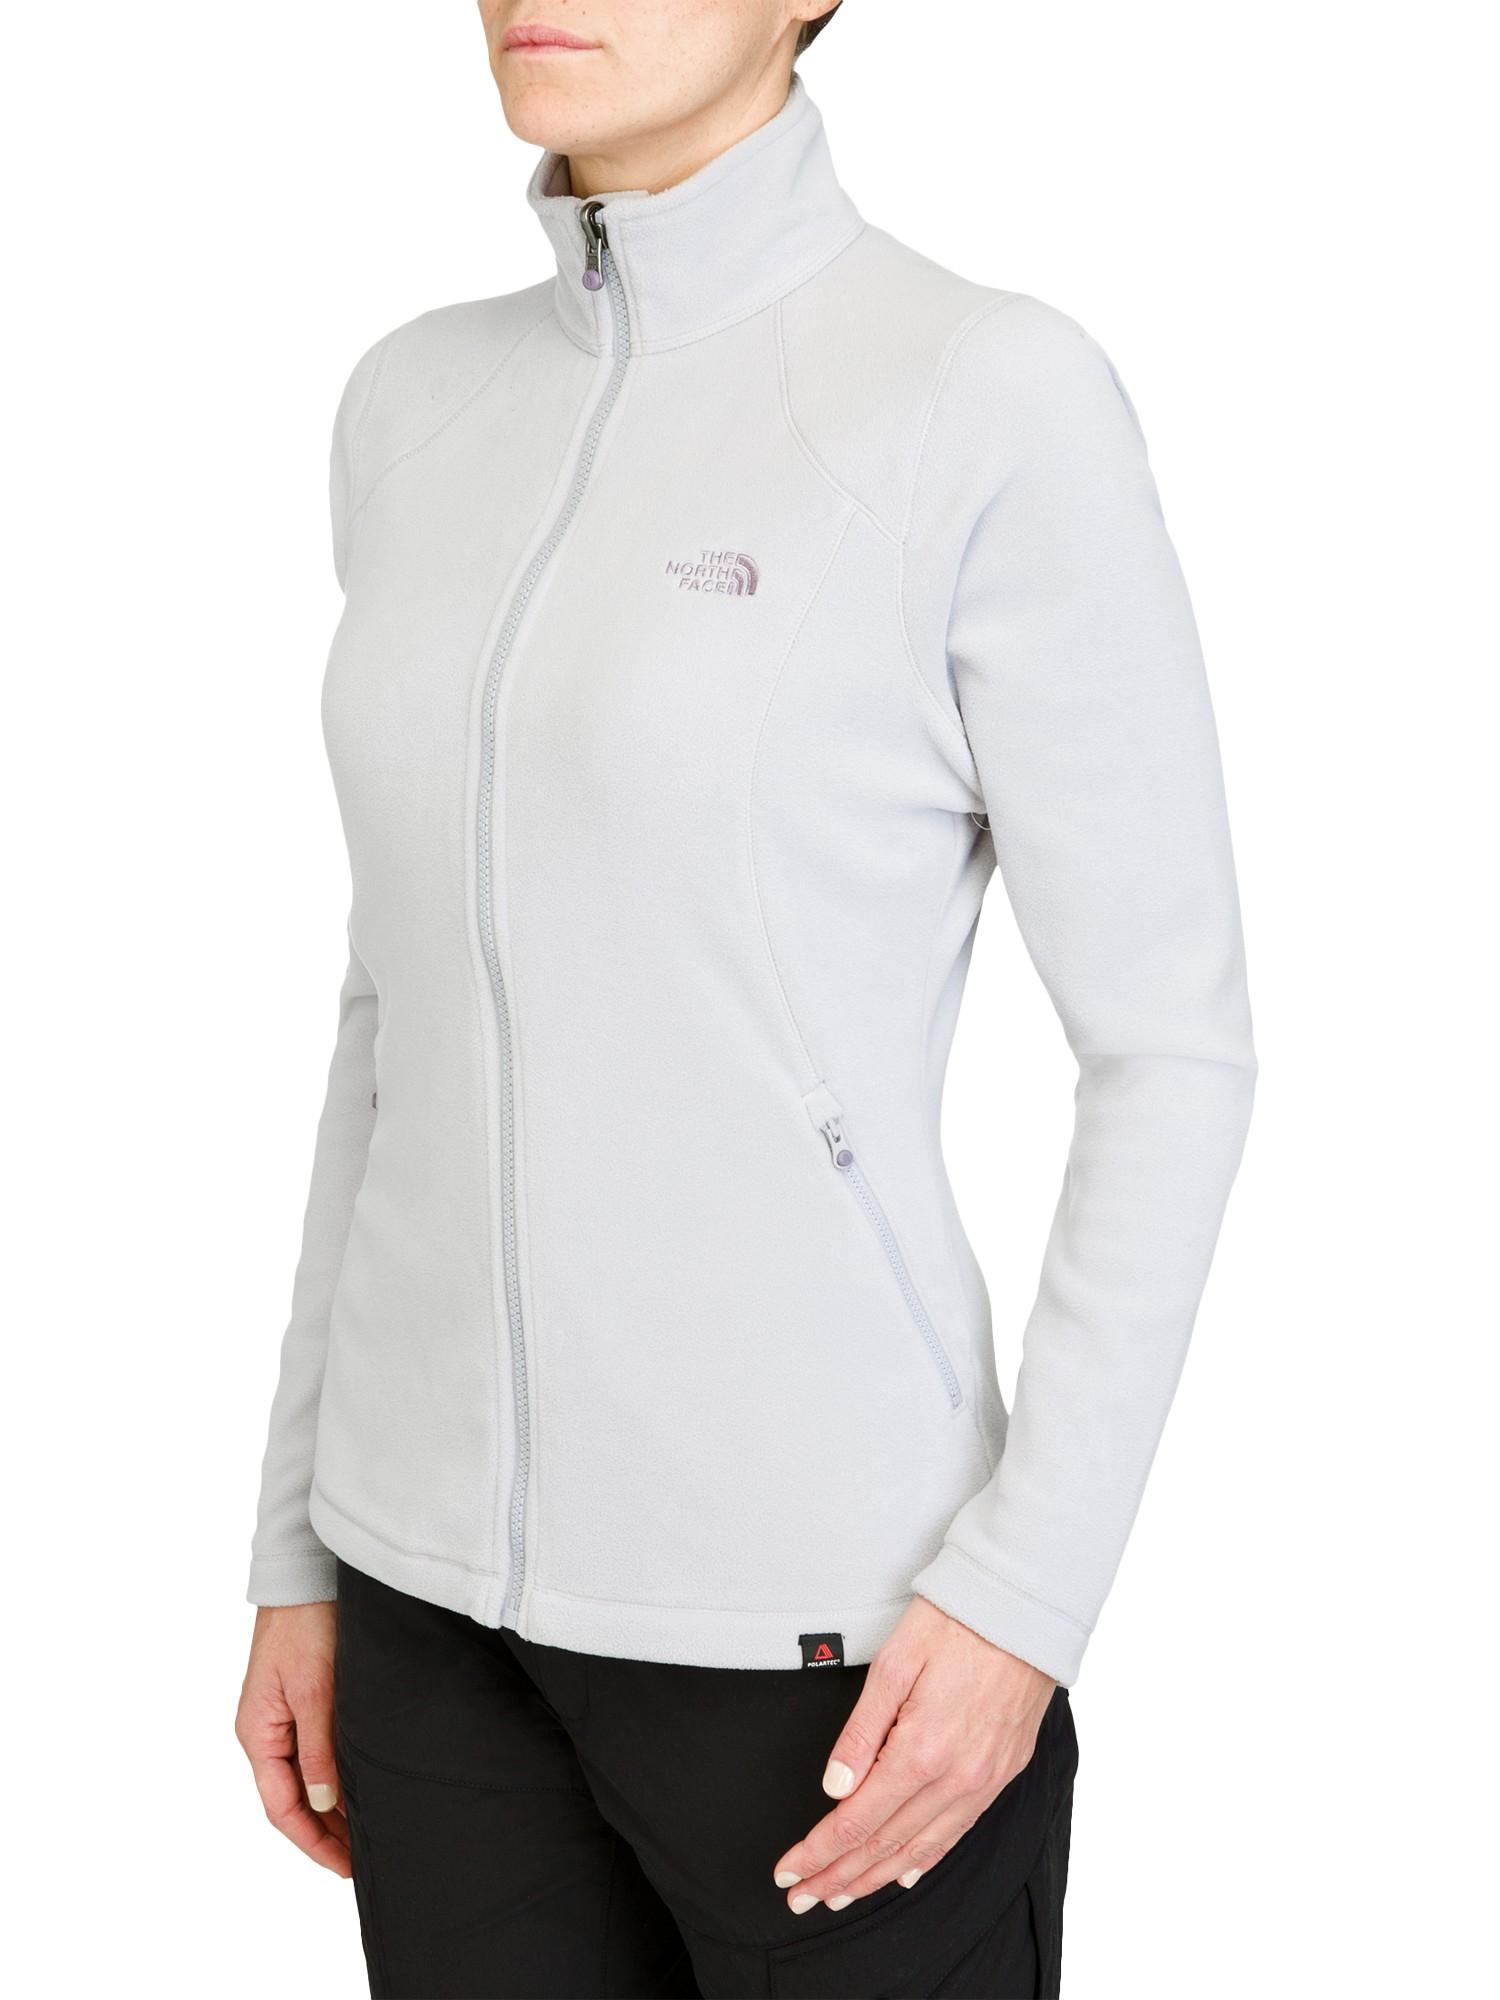 2dff965c3 The North Face Women'S 100 Glacier Full Zip Fleece Jacket in Gray - Lyst